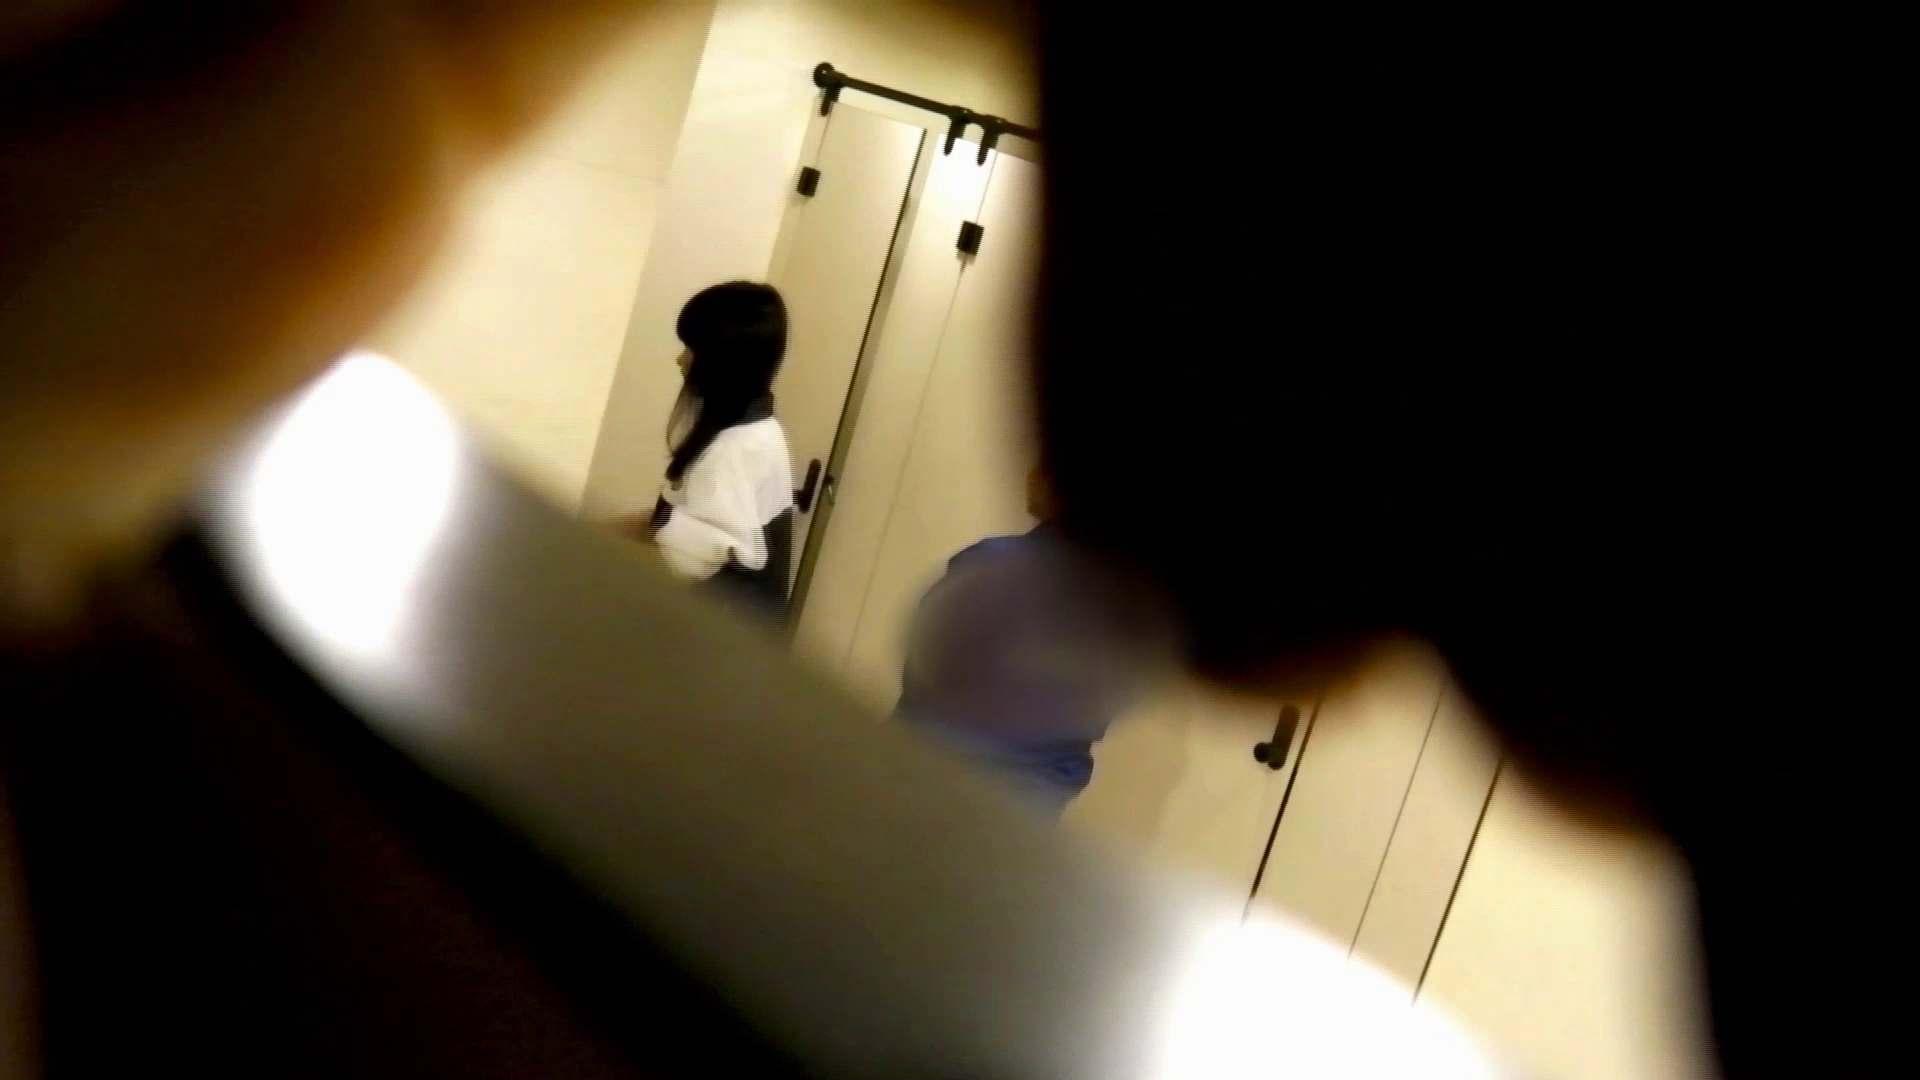 新世界の射窓 No78 トリンドル 玲奈似登場シリーズ美女率最高作! 高画質  89PIX 45